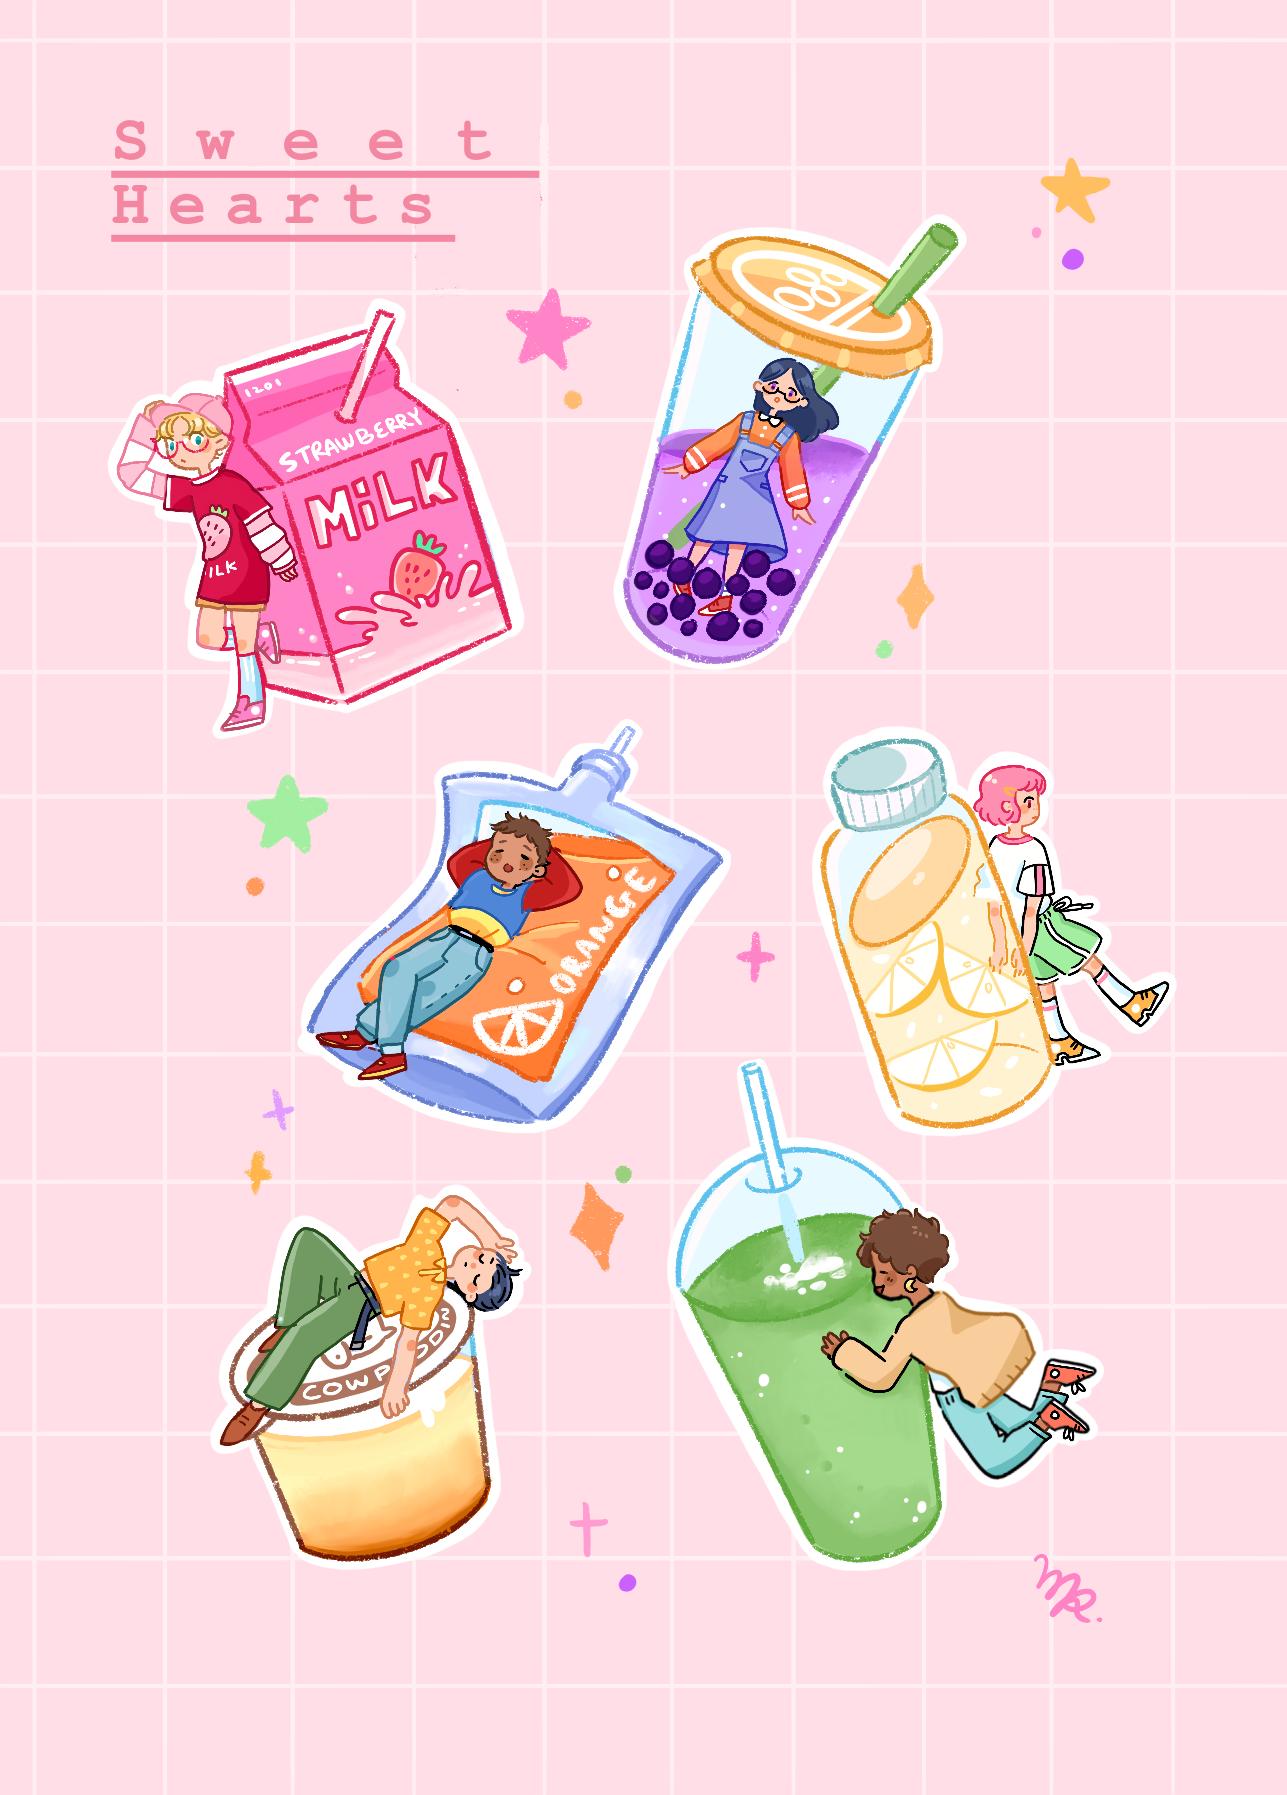 Sweetheart Sticker Sheet